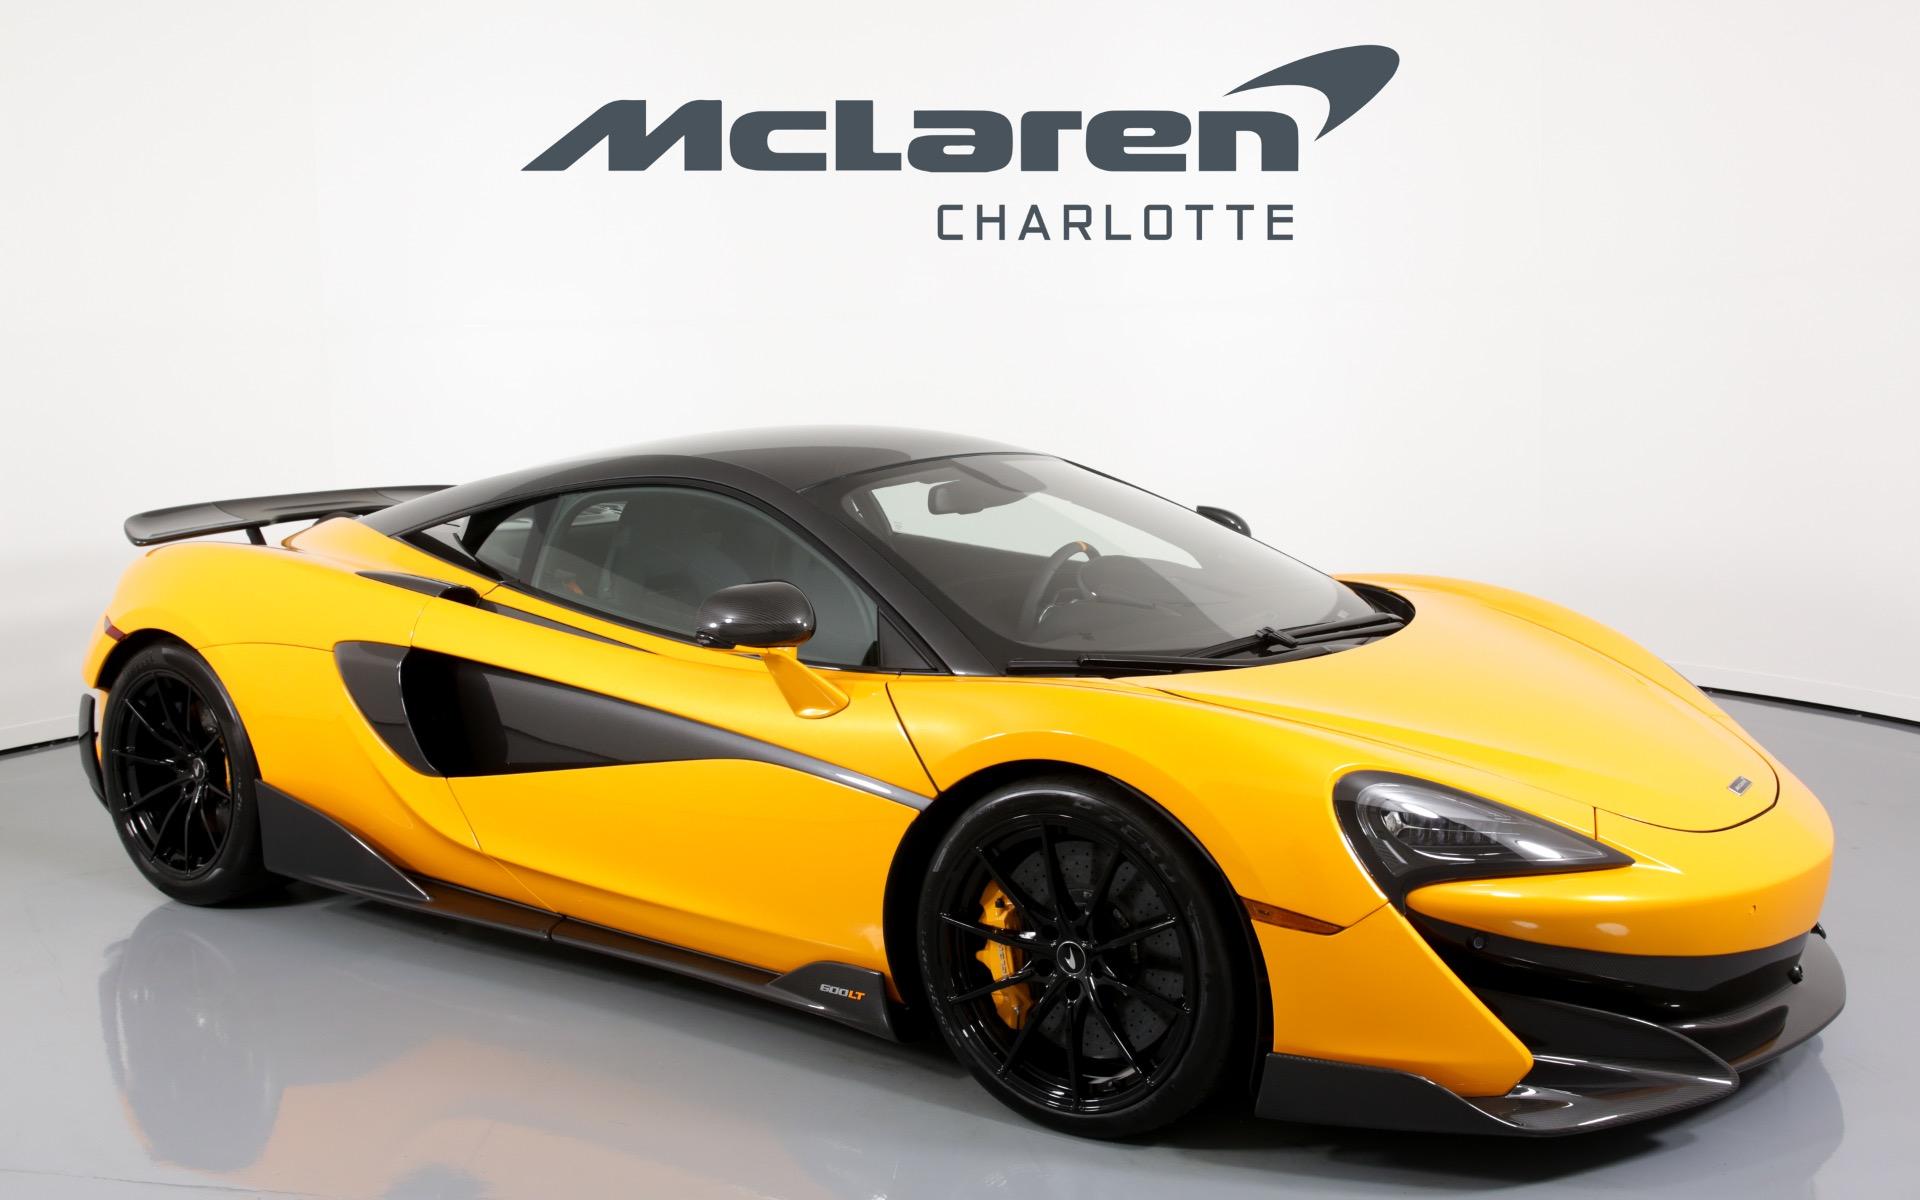 2019 McLaren 600LT Yellow & Black Charlotte McLaren